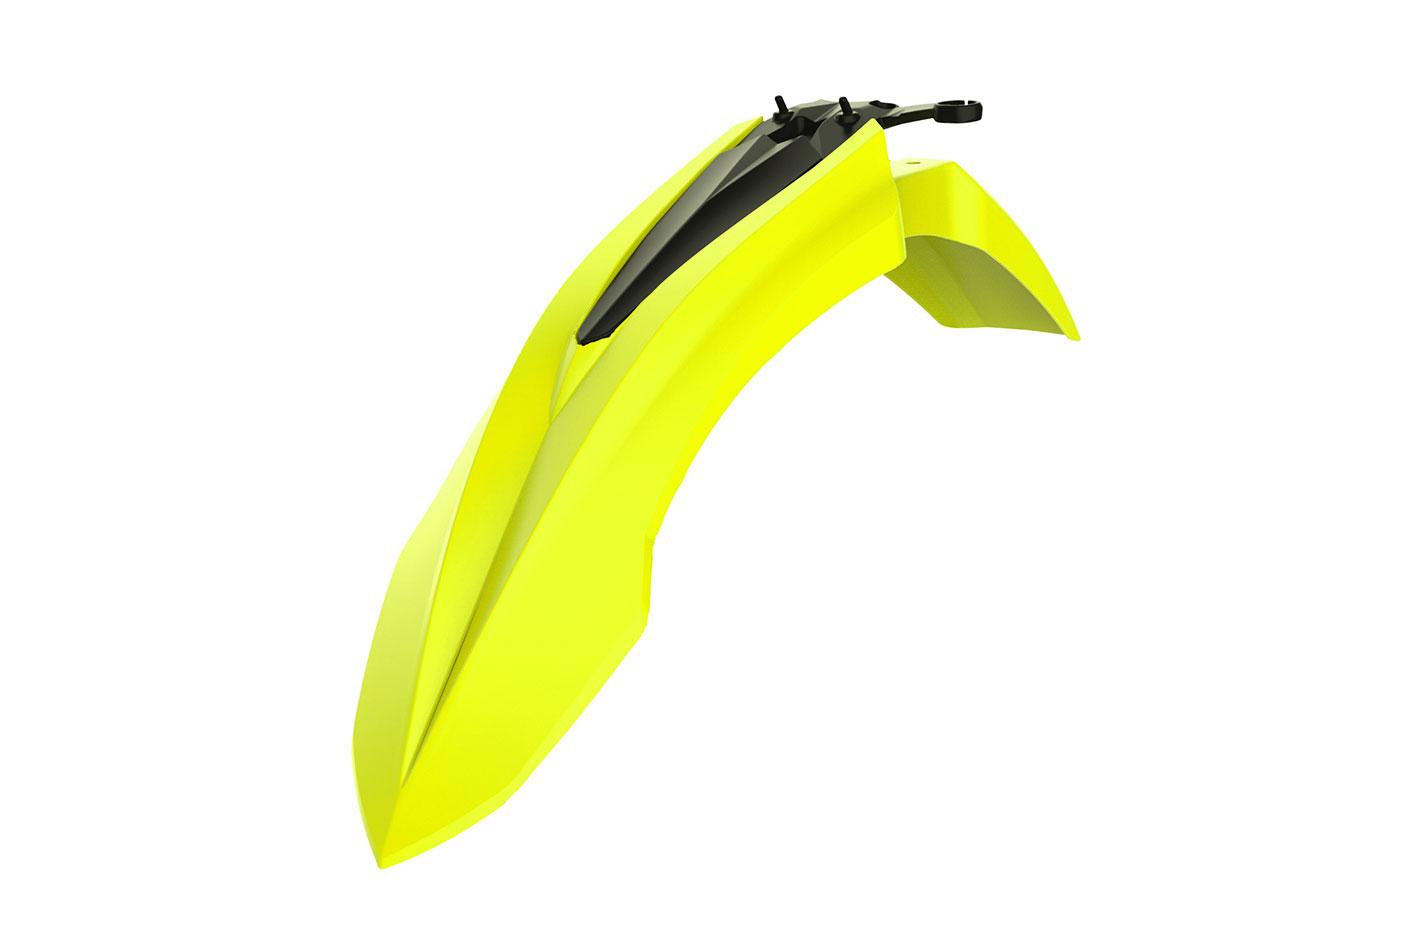 Frontkotflügel für deine Beta RR und Beta XTrainer in neon gelb